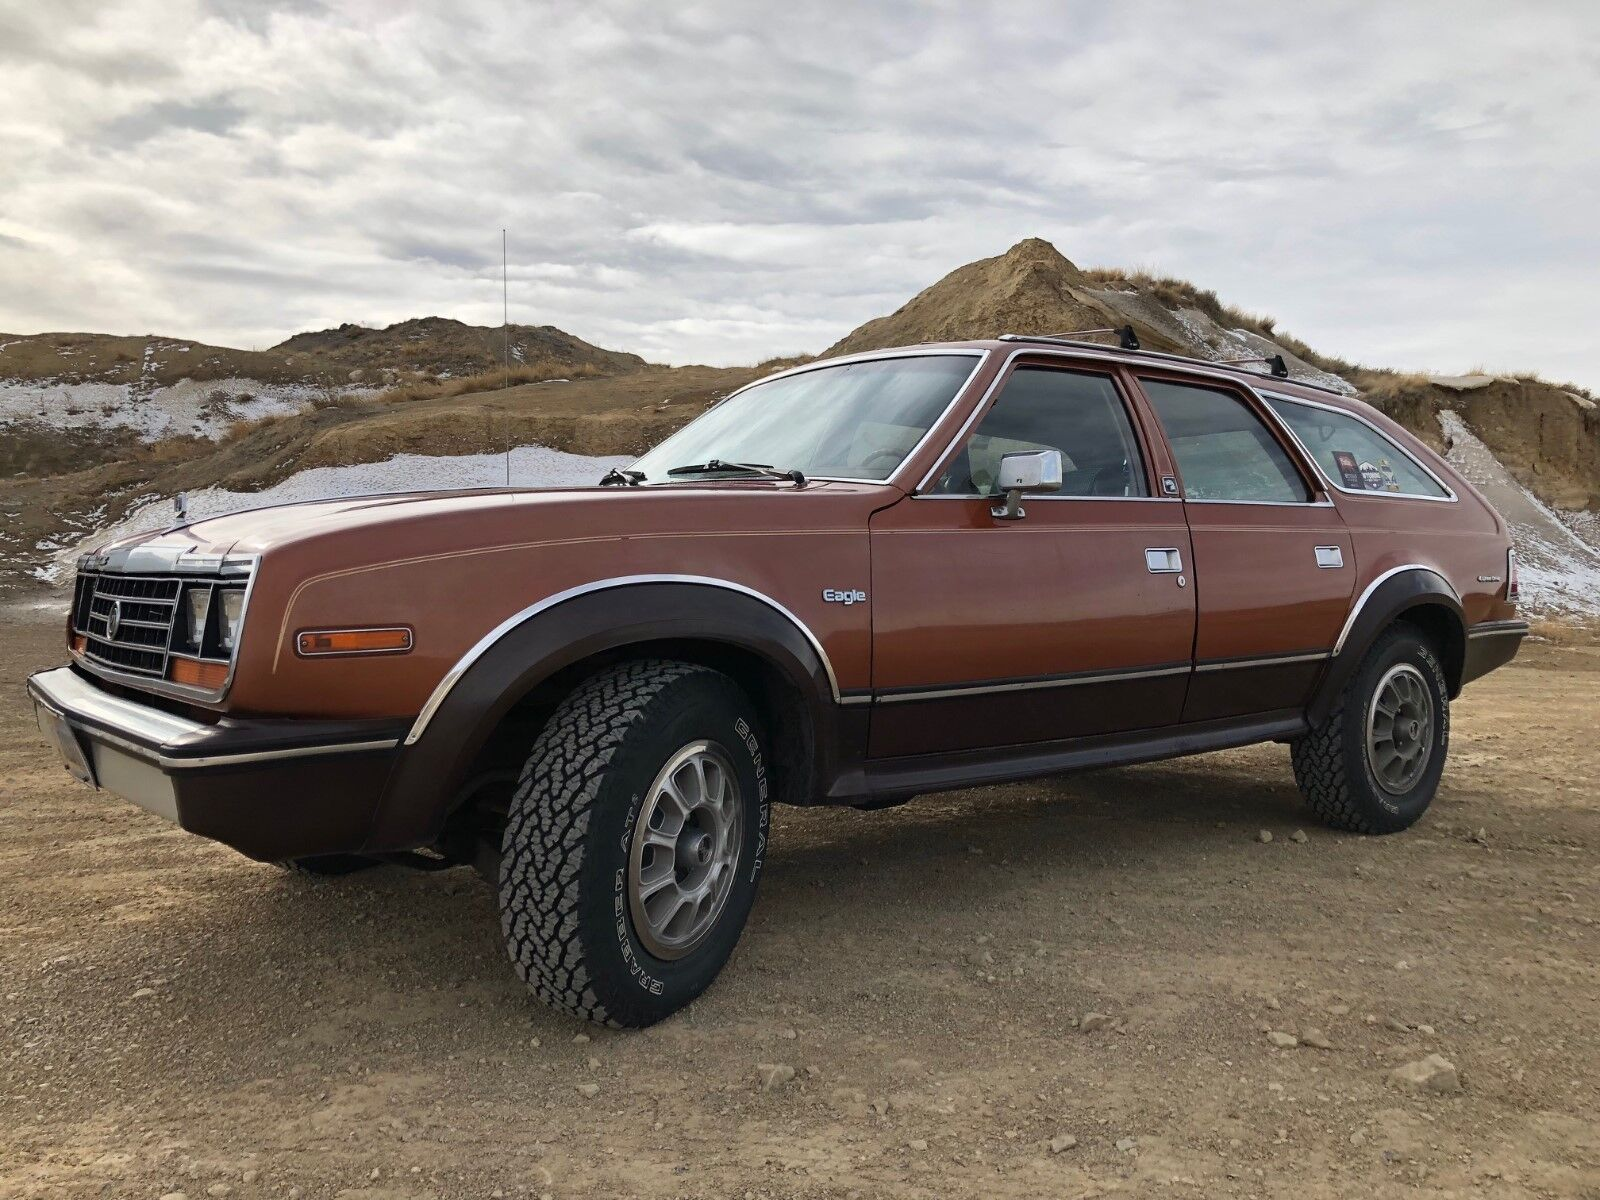 1983 AMC EAGLE Base Wagon 4-Door 1983 AMC EAGLE